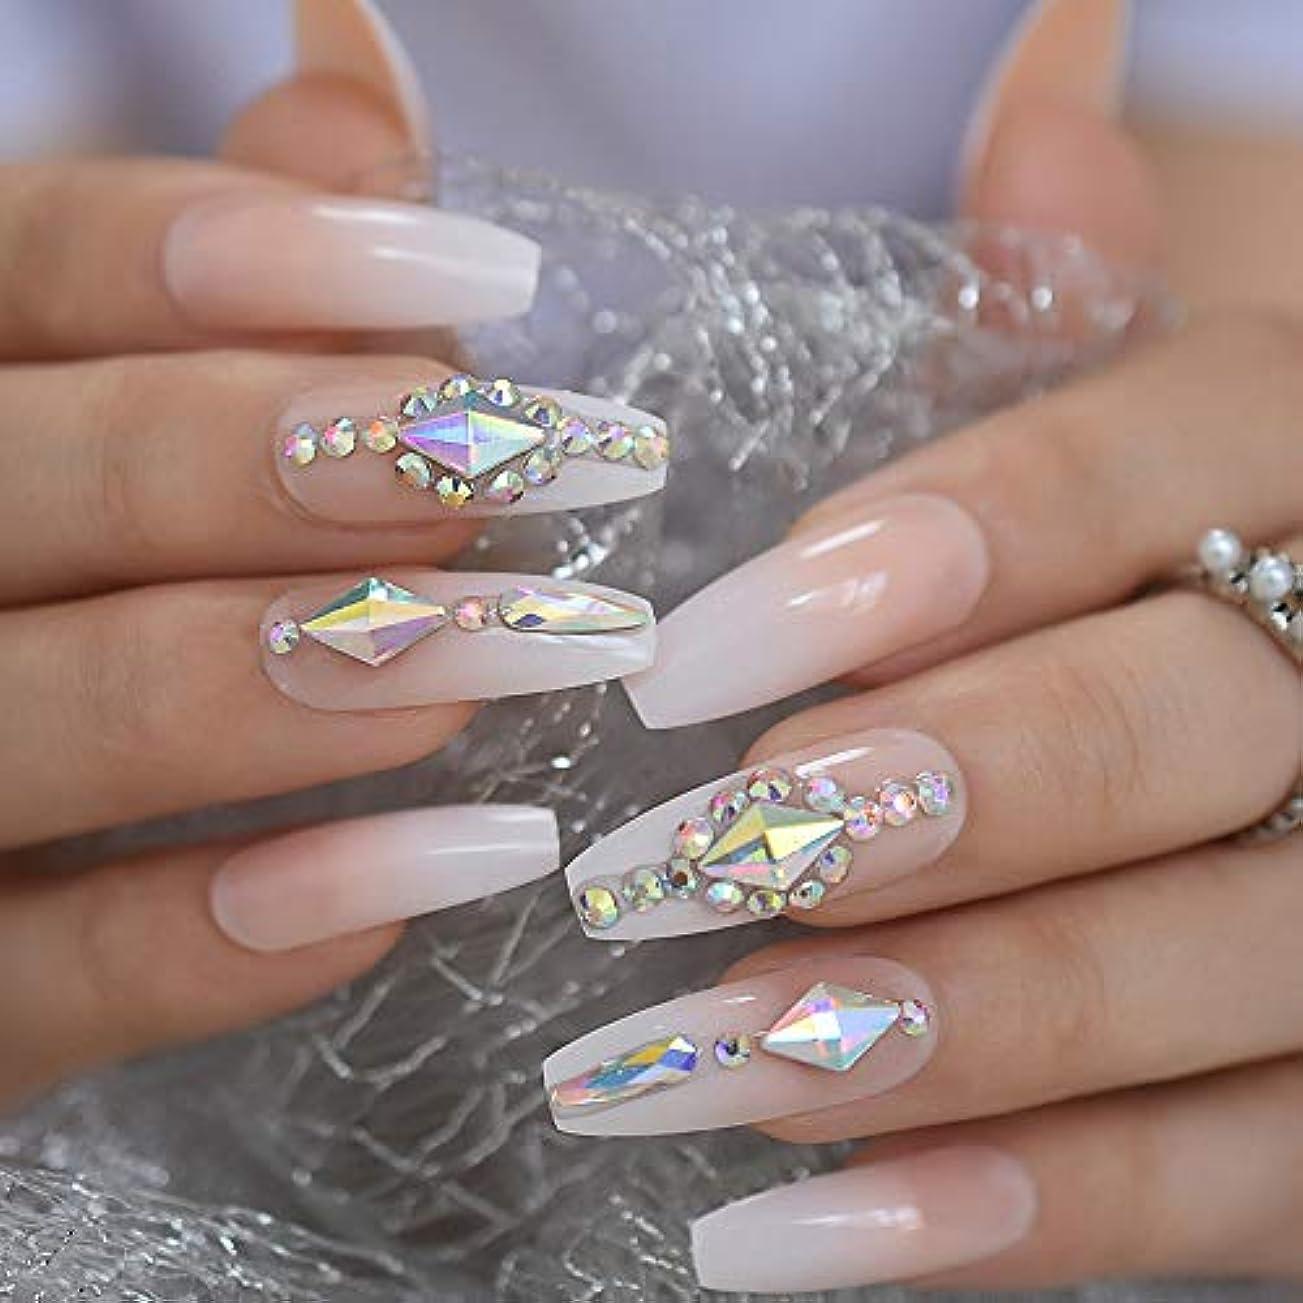 シュガー眠り修正するXUTXZKA ロング3D ketグリッターピンクヌードフェイクネイルGradeint Natrual Press on Finger Wear Nails